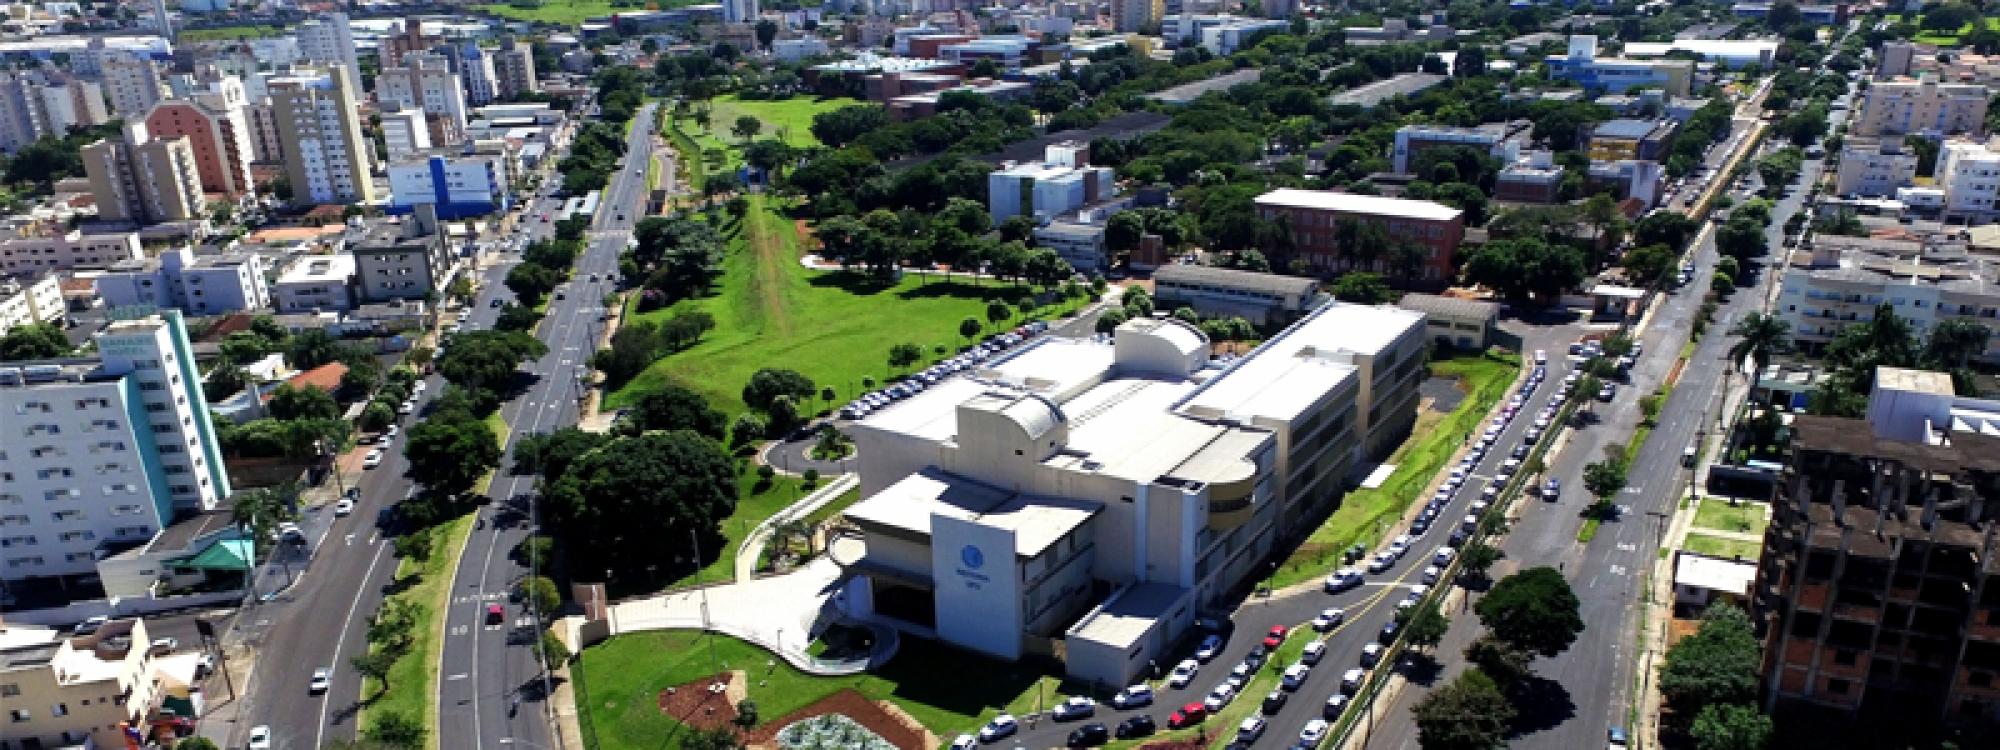 Conselho Universitário da UFU subscreve manifesto contra militarização de escolas apresentado pela ADUFU